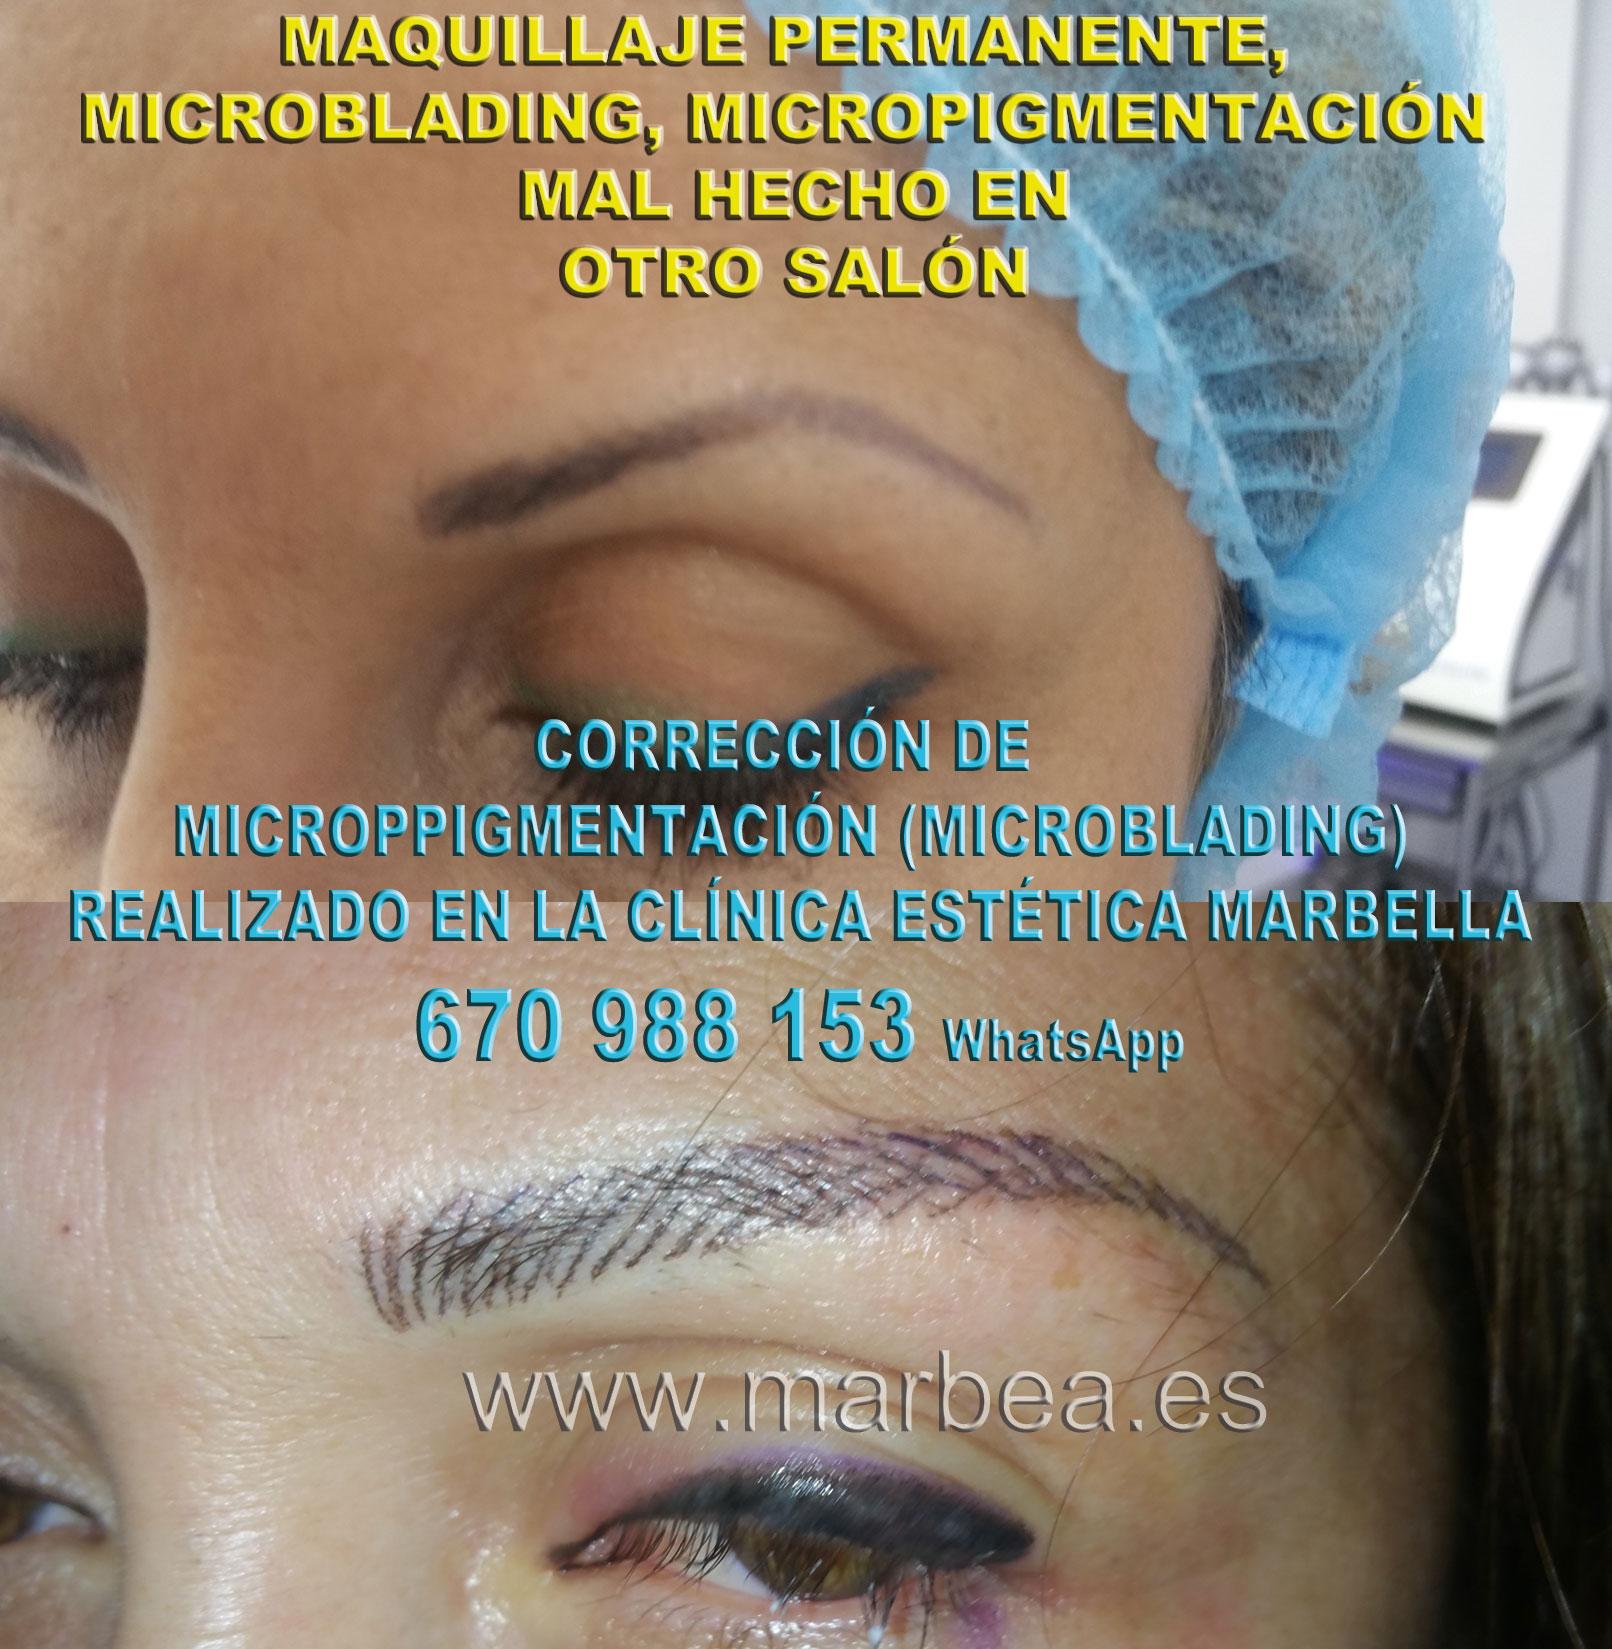 MAQUILLAJE PERMANENTE CEJAS MAL HECHO clínica estética maquillaje semipermanente entrega corrección de micropigmentación en cejas,micropigmentación correctiva cejas mal hecha